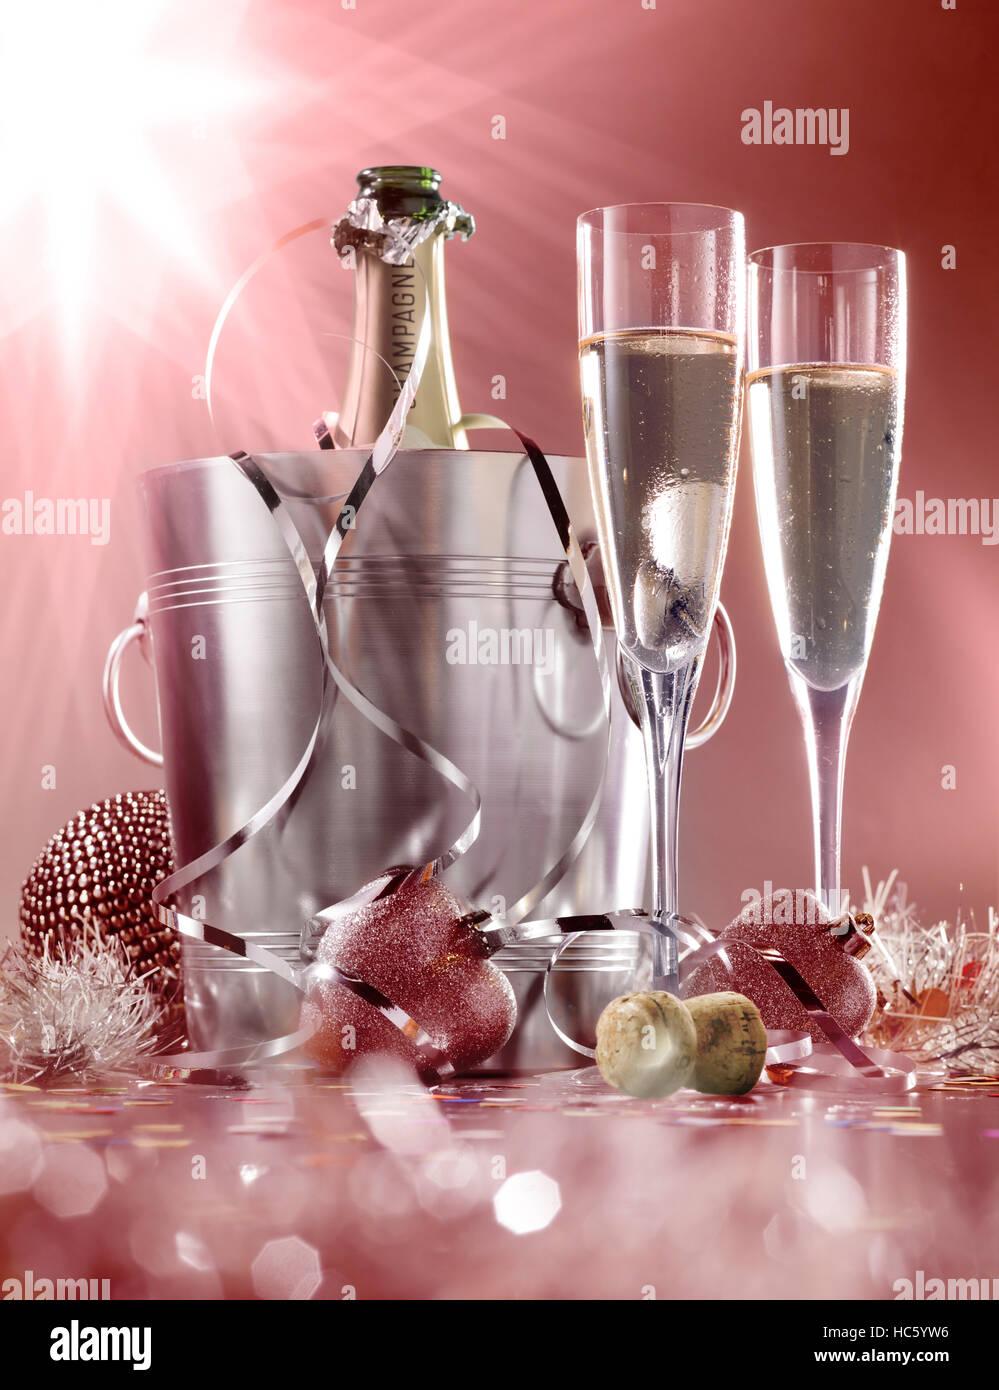 Glas Sekt mit Flasche im Kühler auf einem roten mit weißem Hintergrund Stockbild